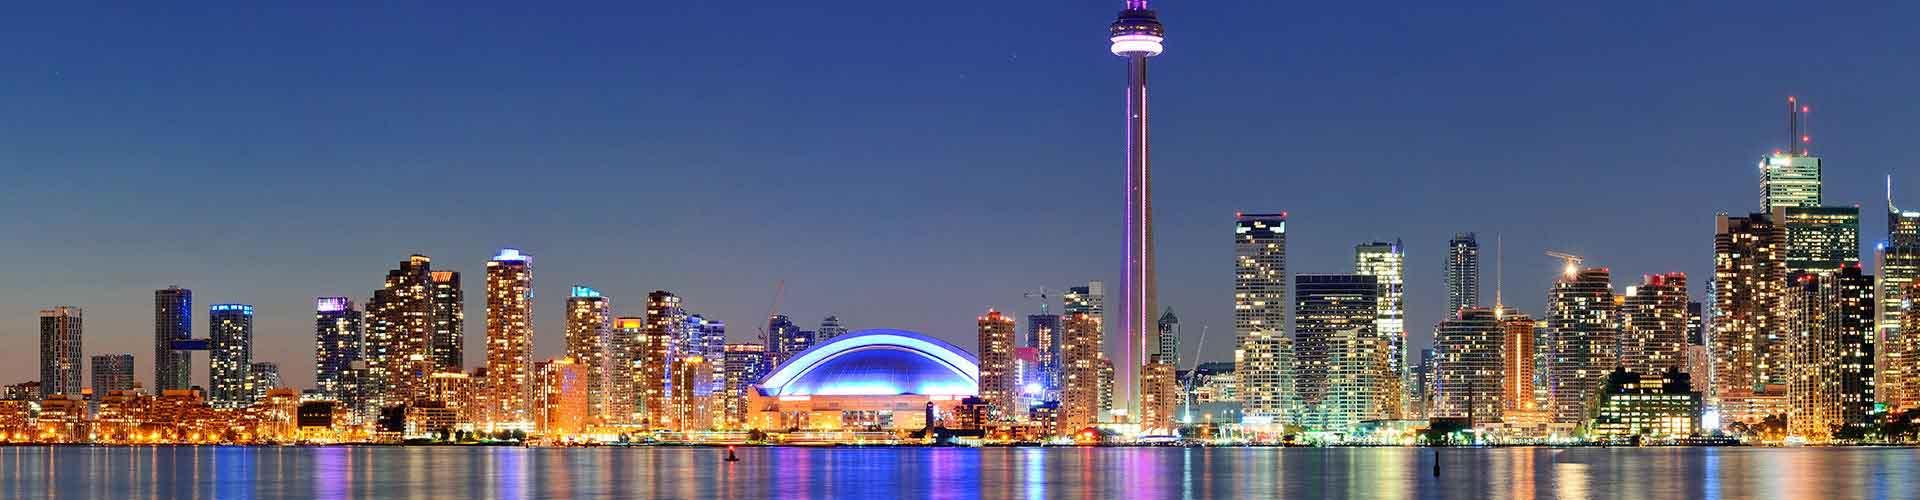 Toronto - Hostele w mieście: Toronto, Mapy: Toronto, Zdjęcia i Recenzje dla każdego hostelu w mieście Toronto.